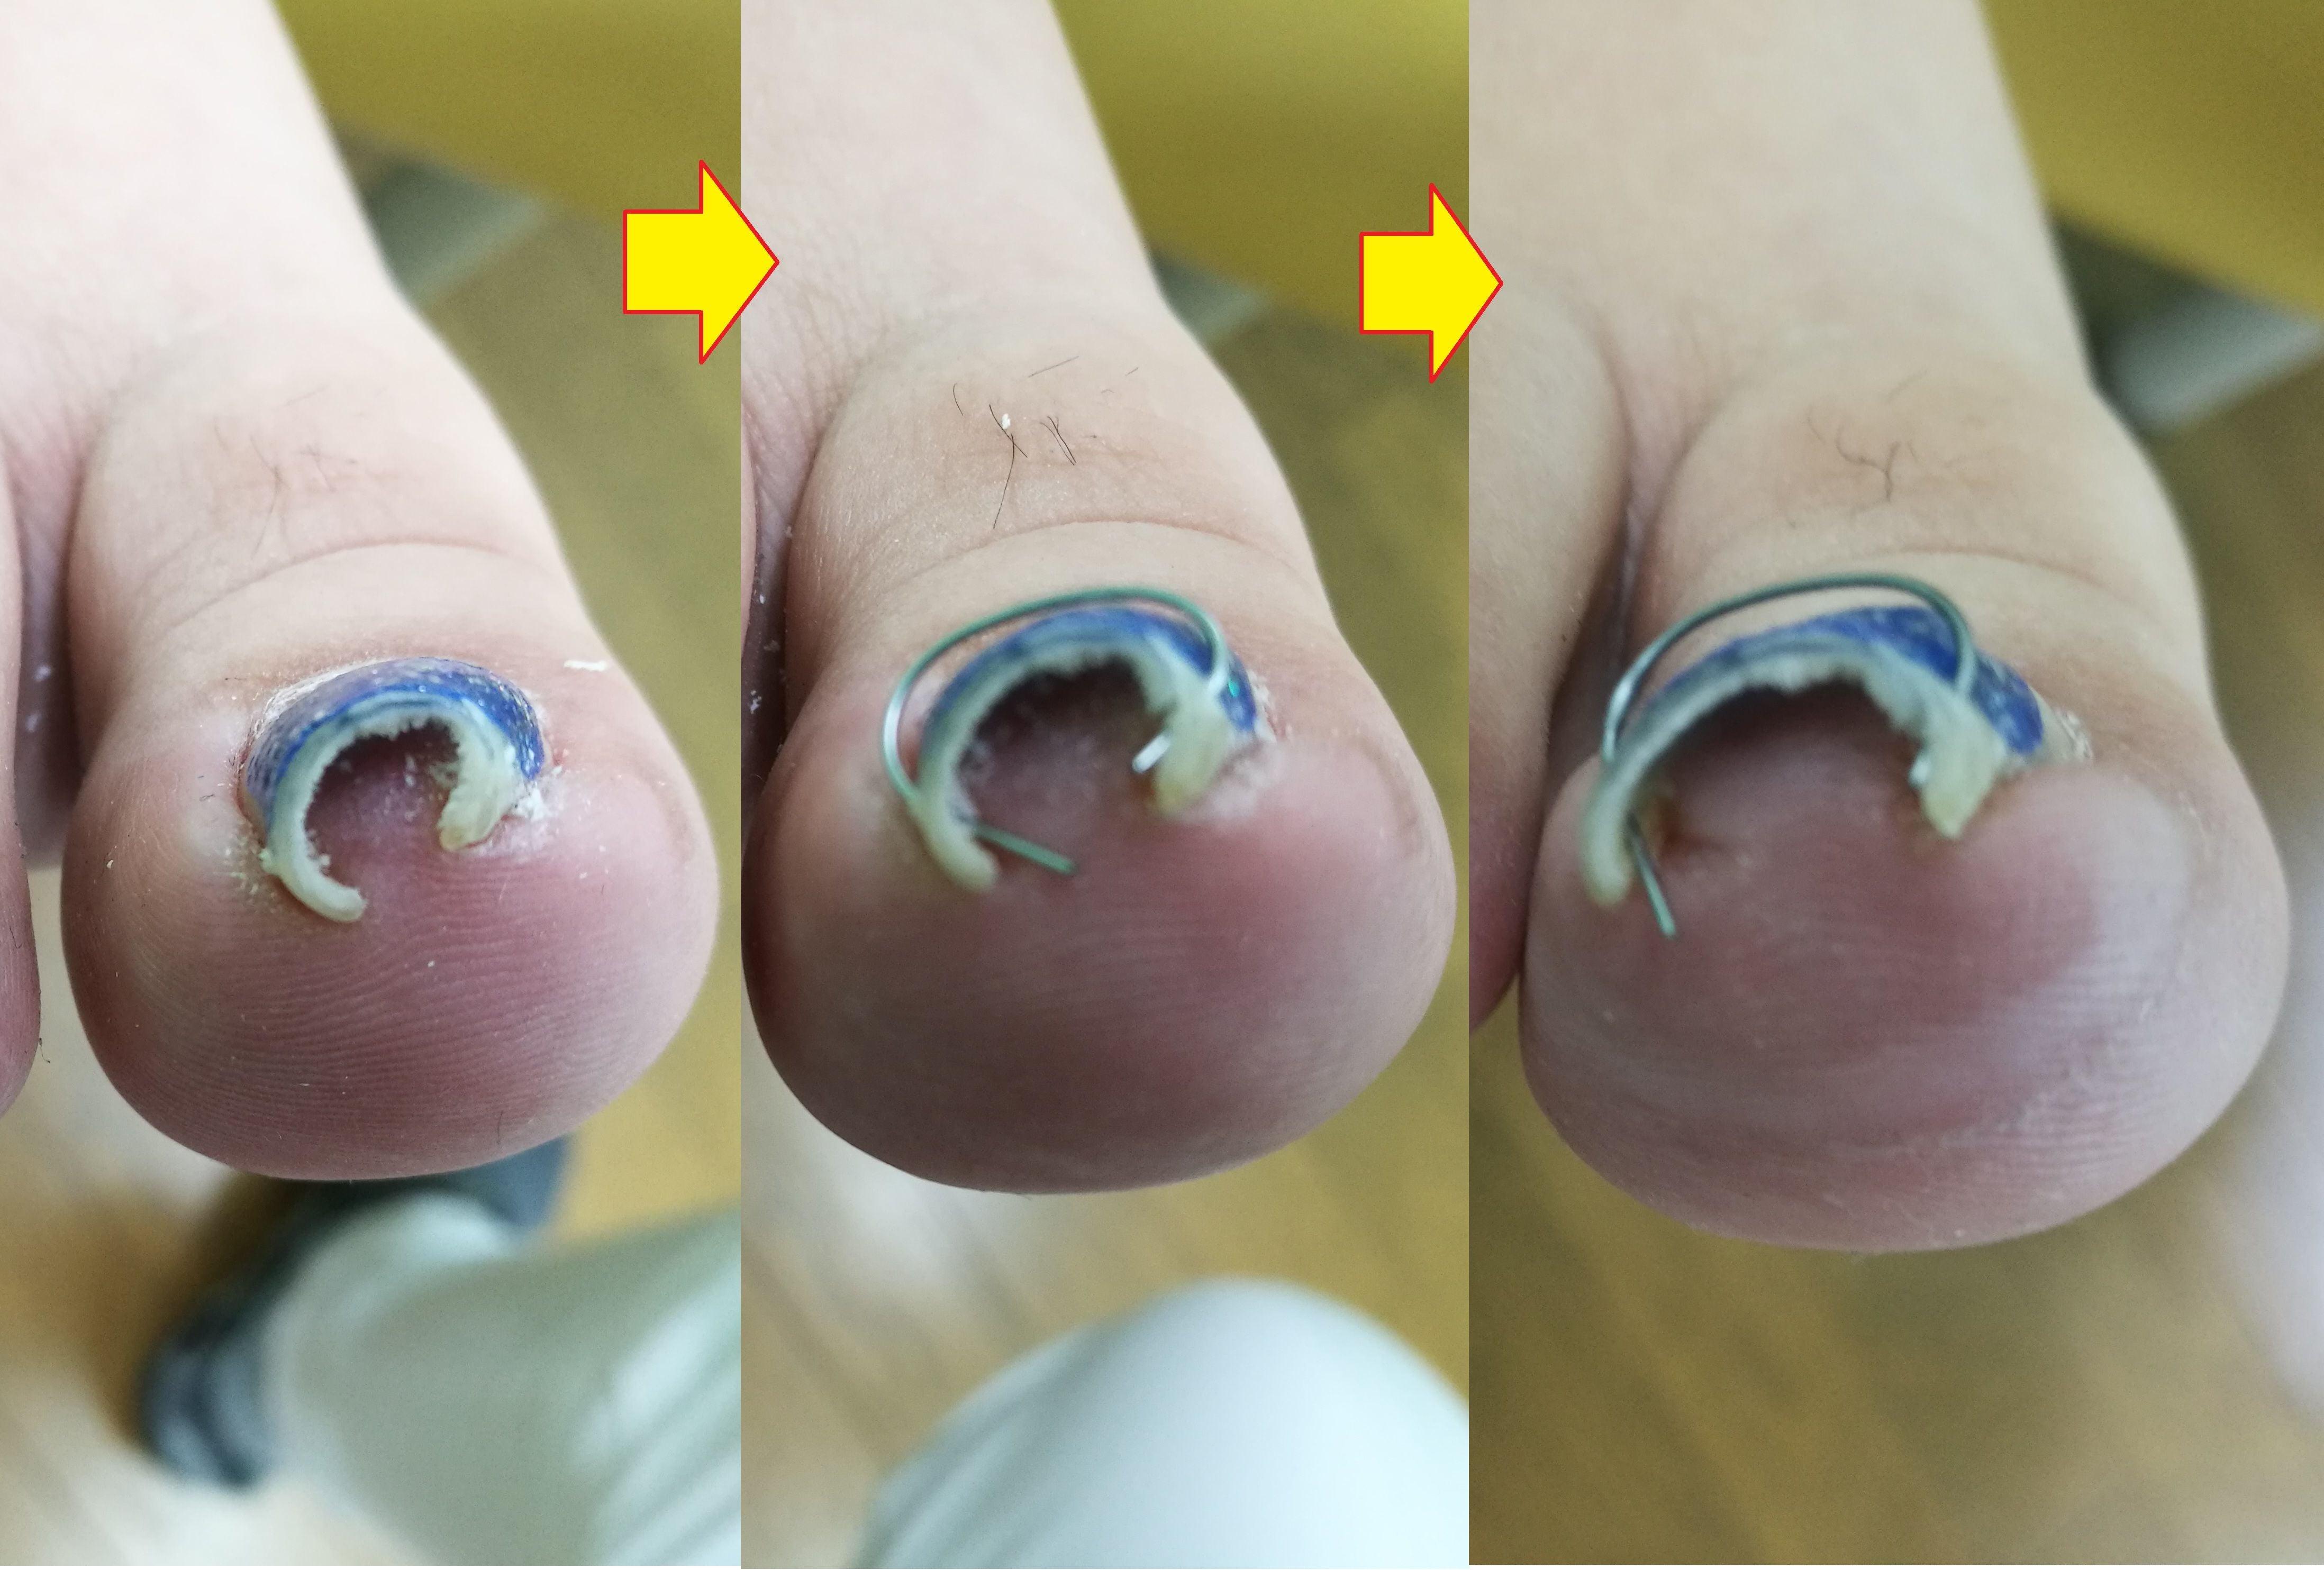 巻き爪の治療 ワイヤー矯正【初診】のイメージその1